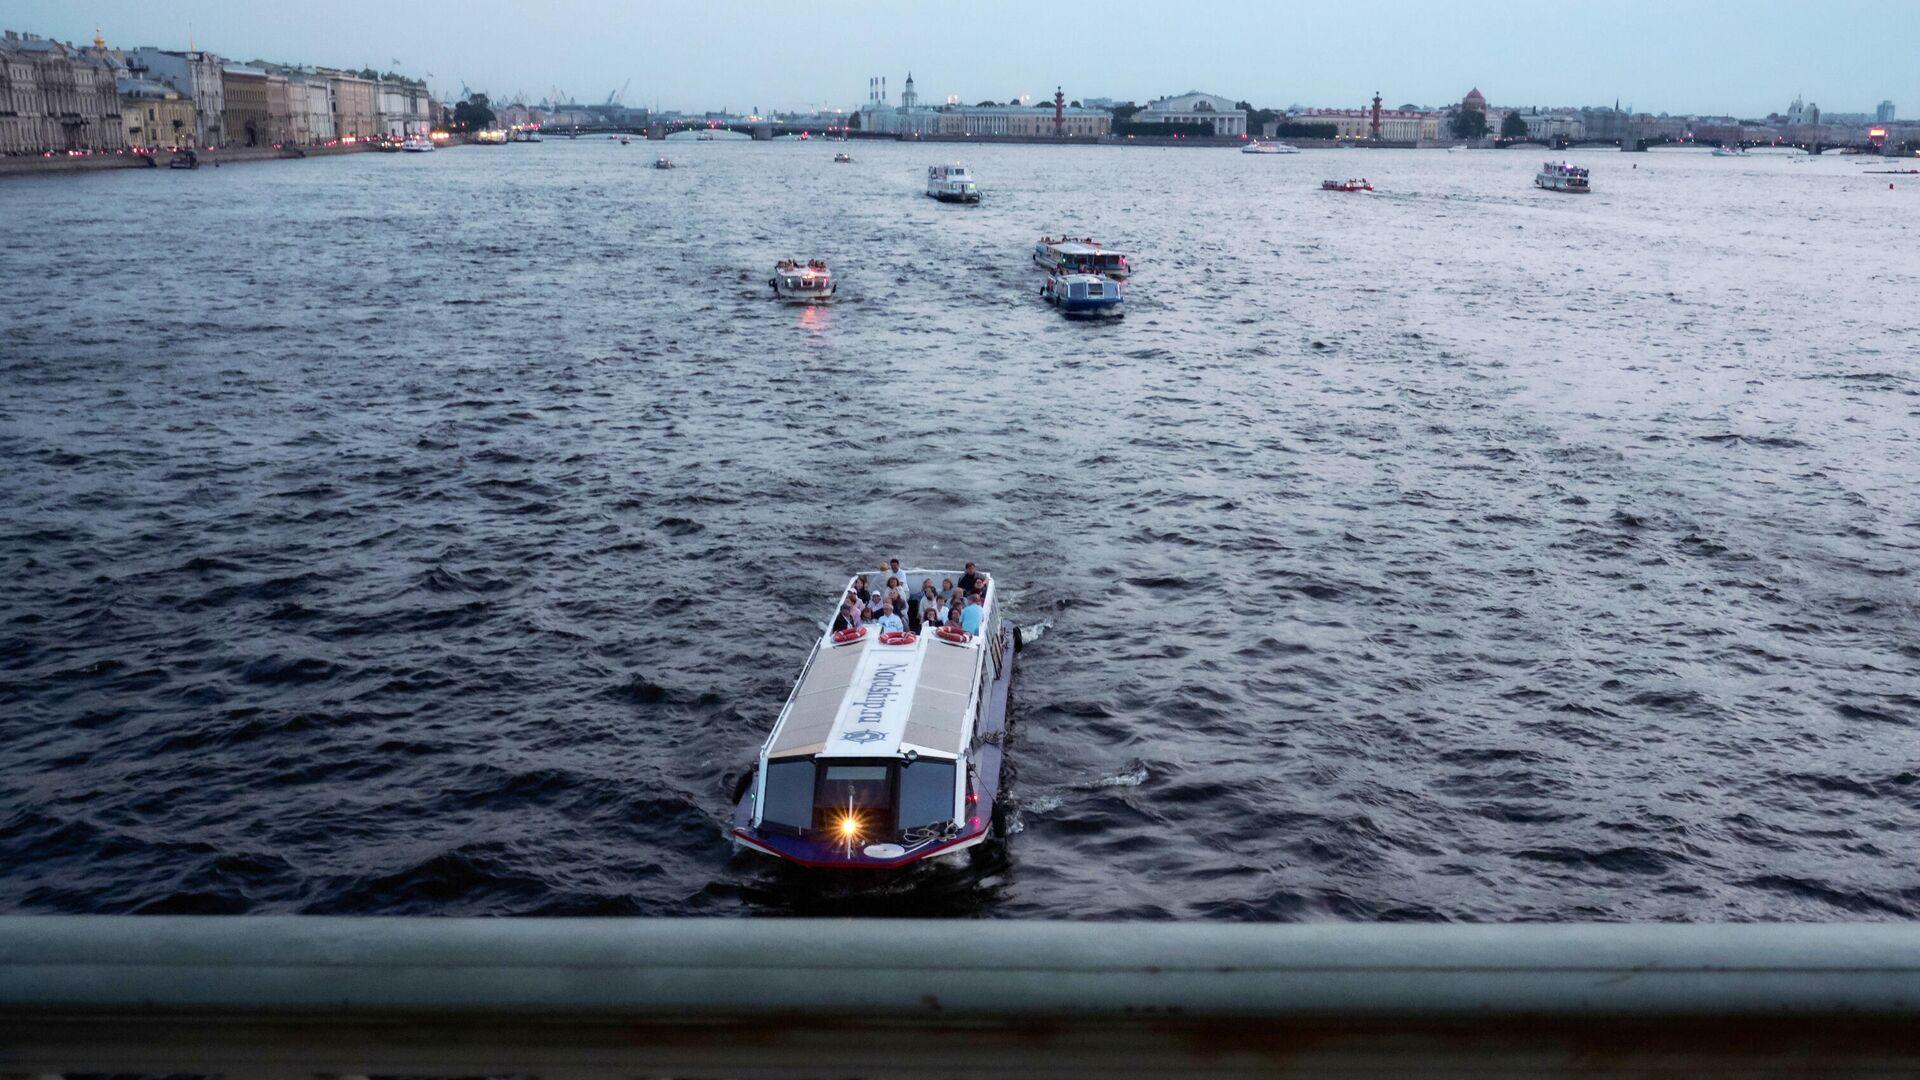 Прогулочные катера на реке Неве в Санкт-Петербурге - РИА Новости, 1920, 29.06.2021